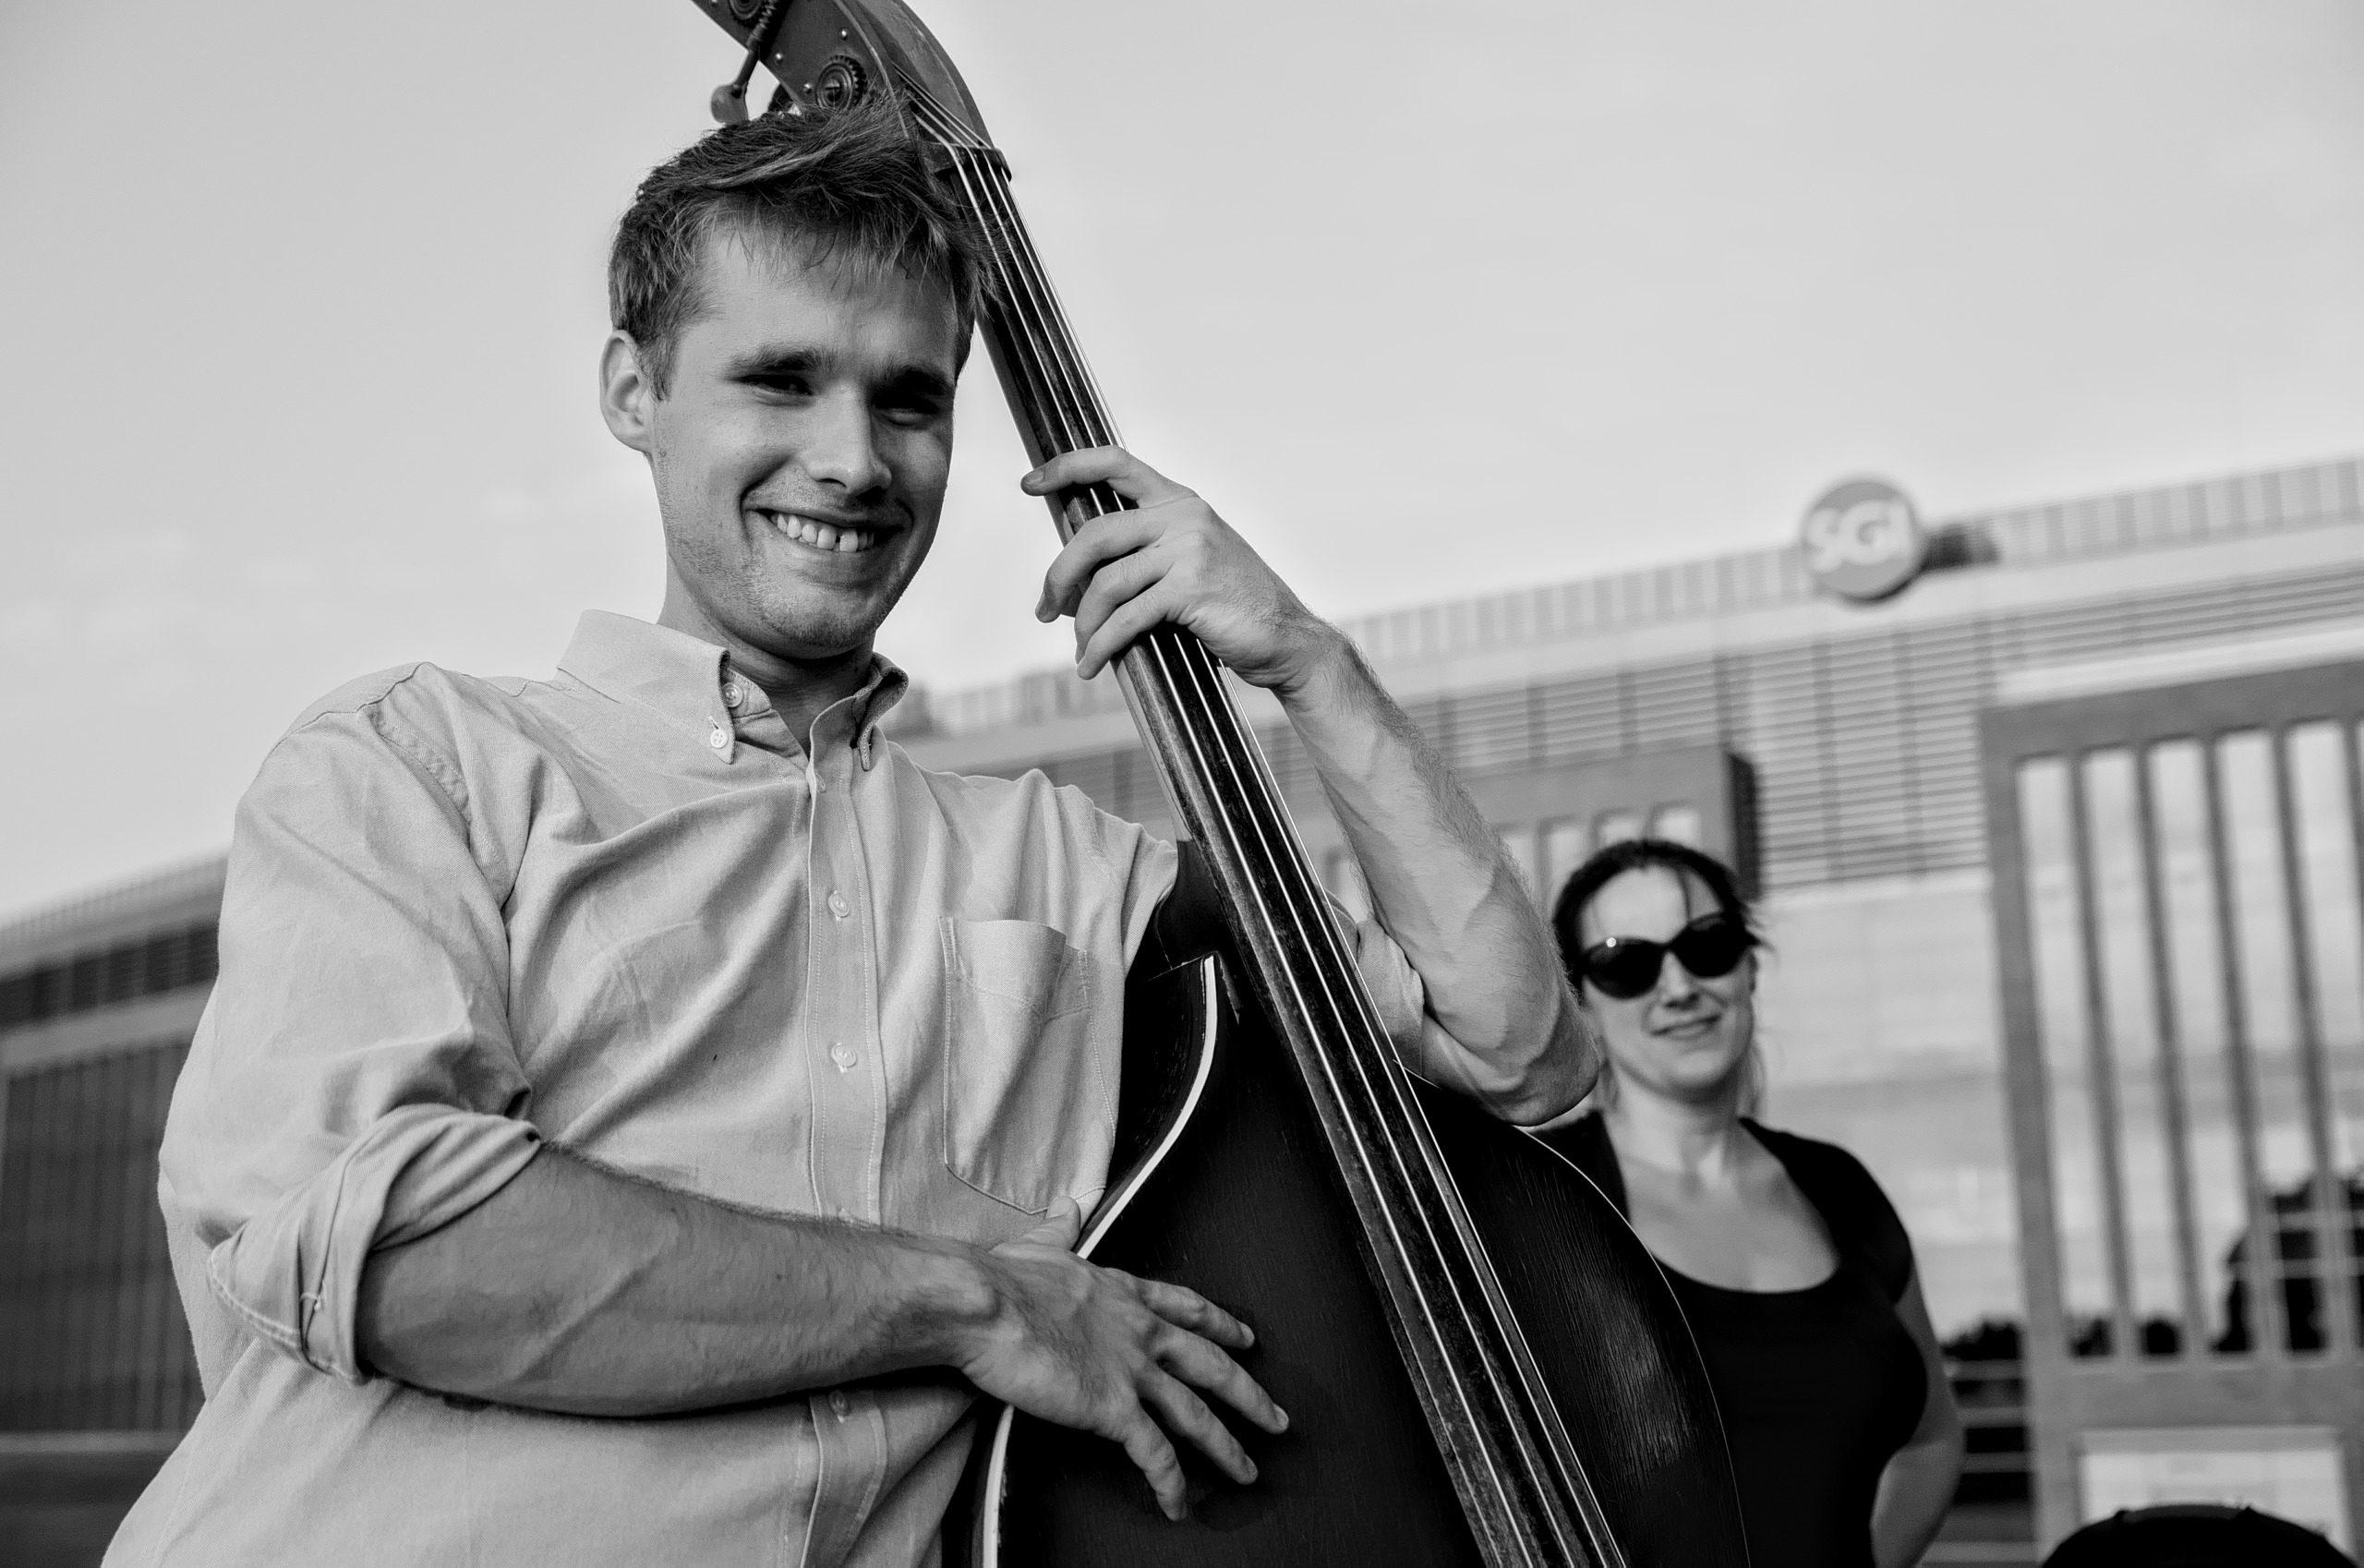 Abraham gra na kontrabasie Bulwar nad Odrą,Szczecin